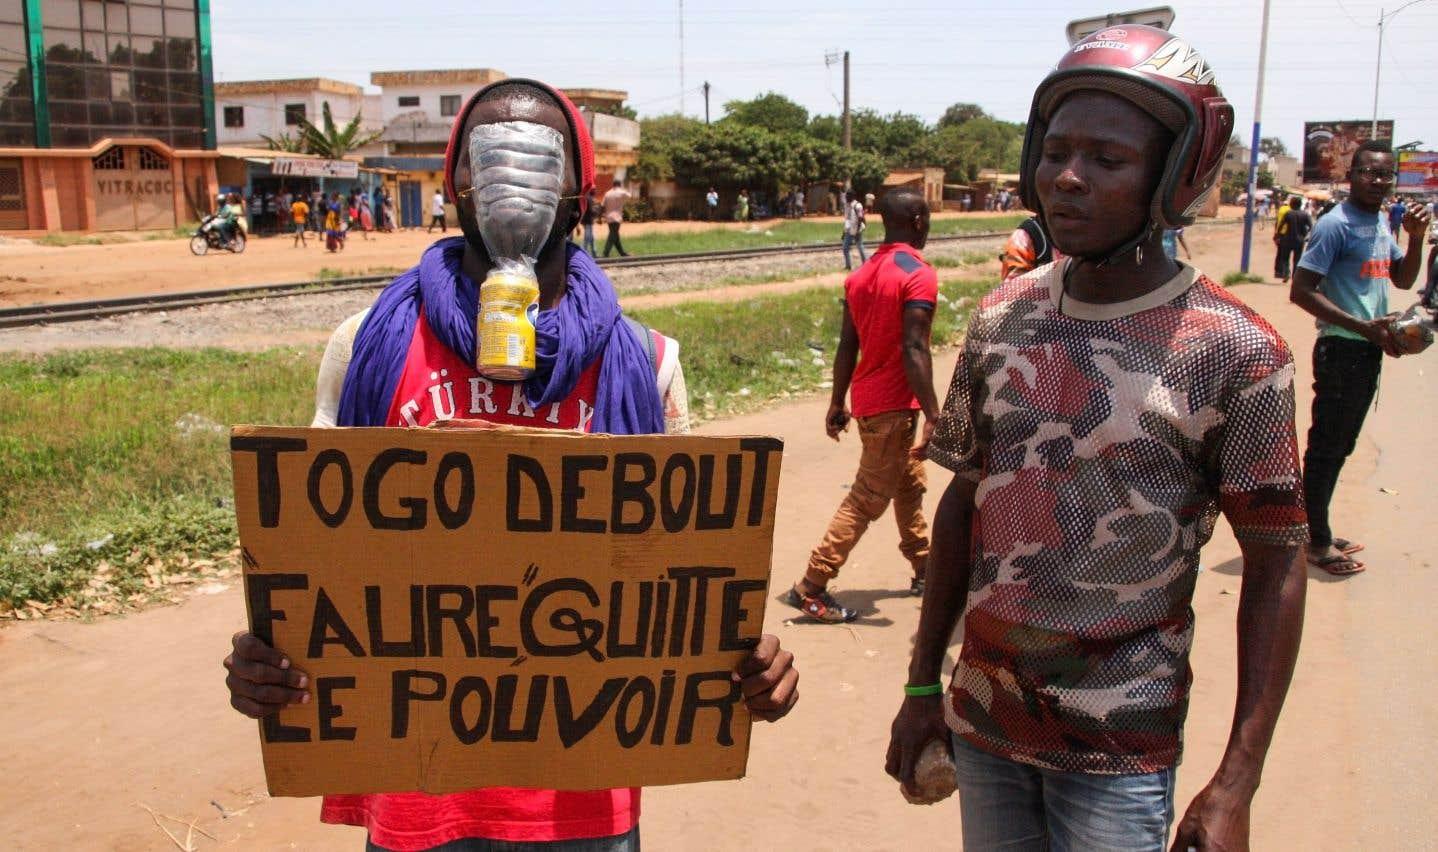 «Togo debout, Faure quitte le pouvoir», peut-on lire sur l'affiche d'un manifestant contre le pouvoir, dans les rues de Lomé.